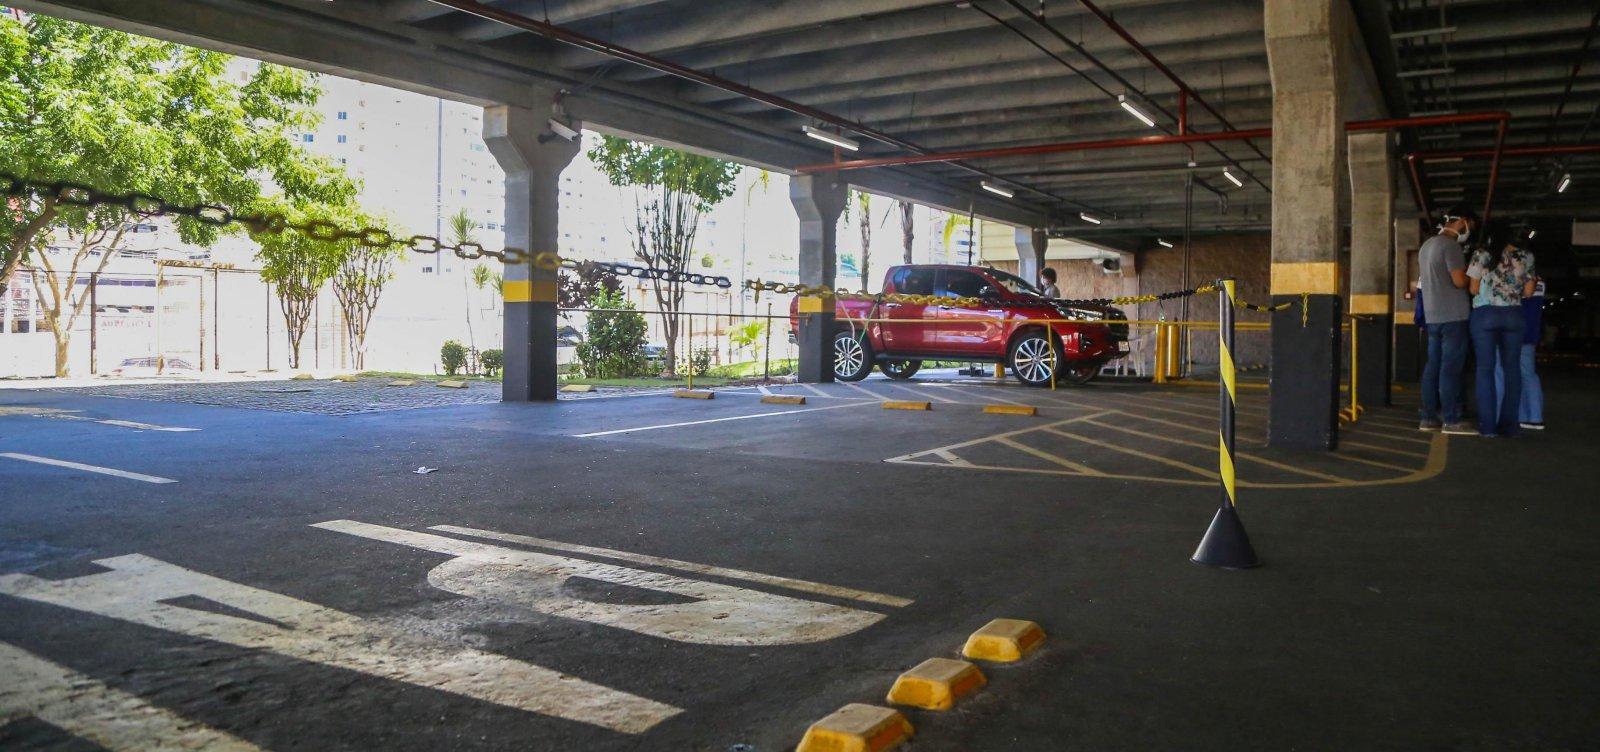 [Shoppings de Salvador vão poder funcionar em modalidade drive-thru]